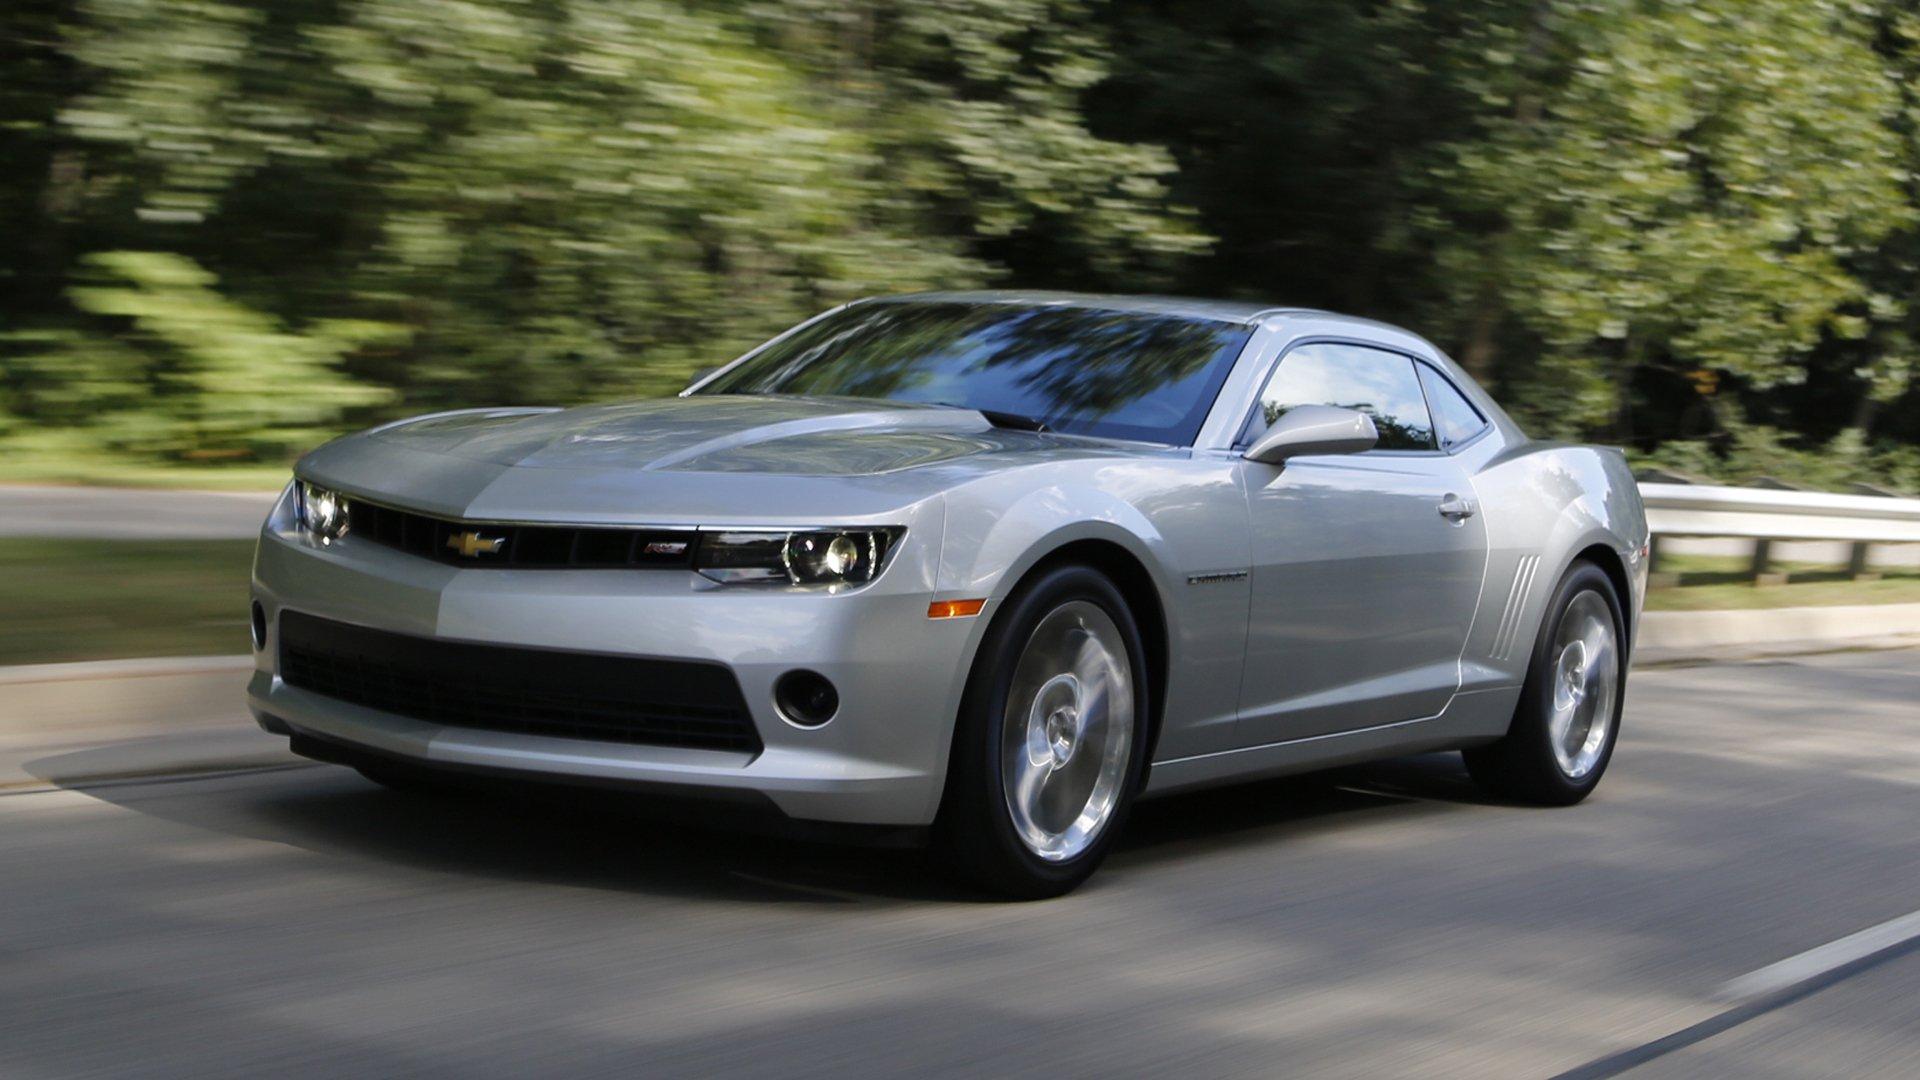 General Motors увеличивает гарантийный срок на машины